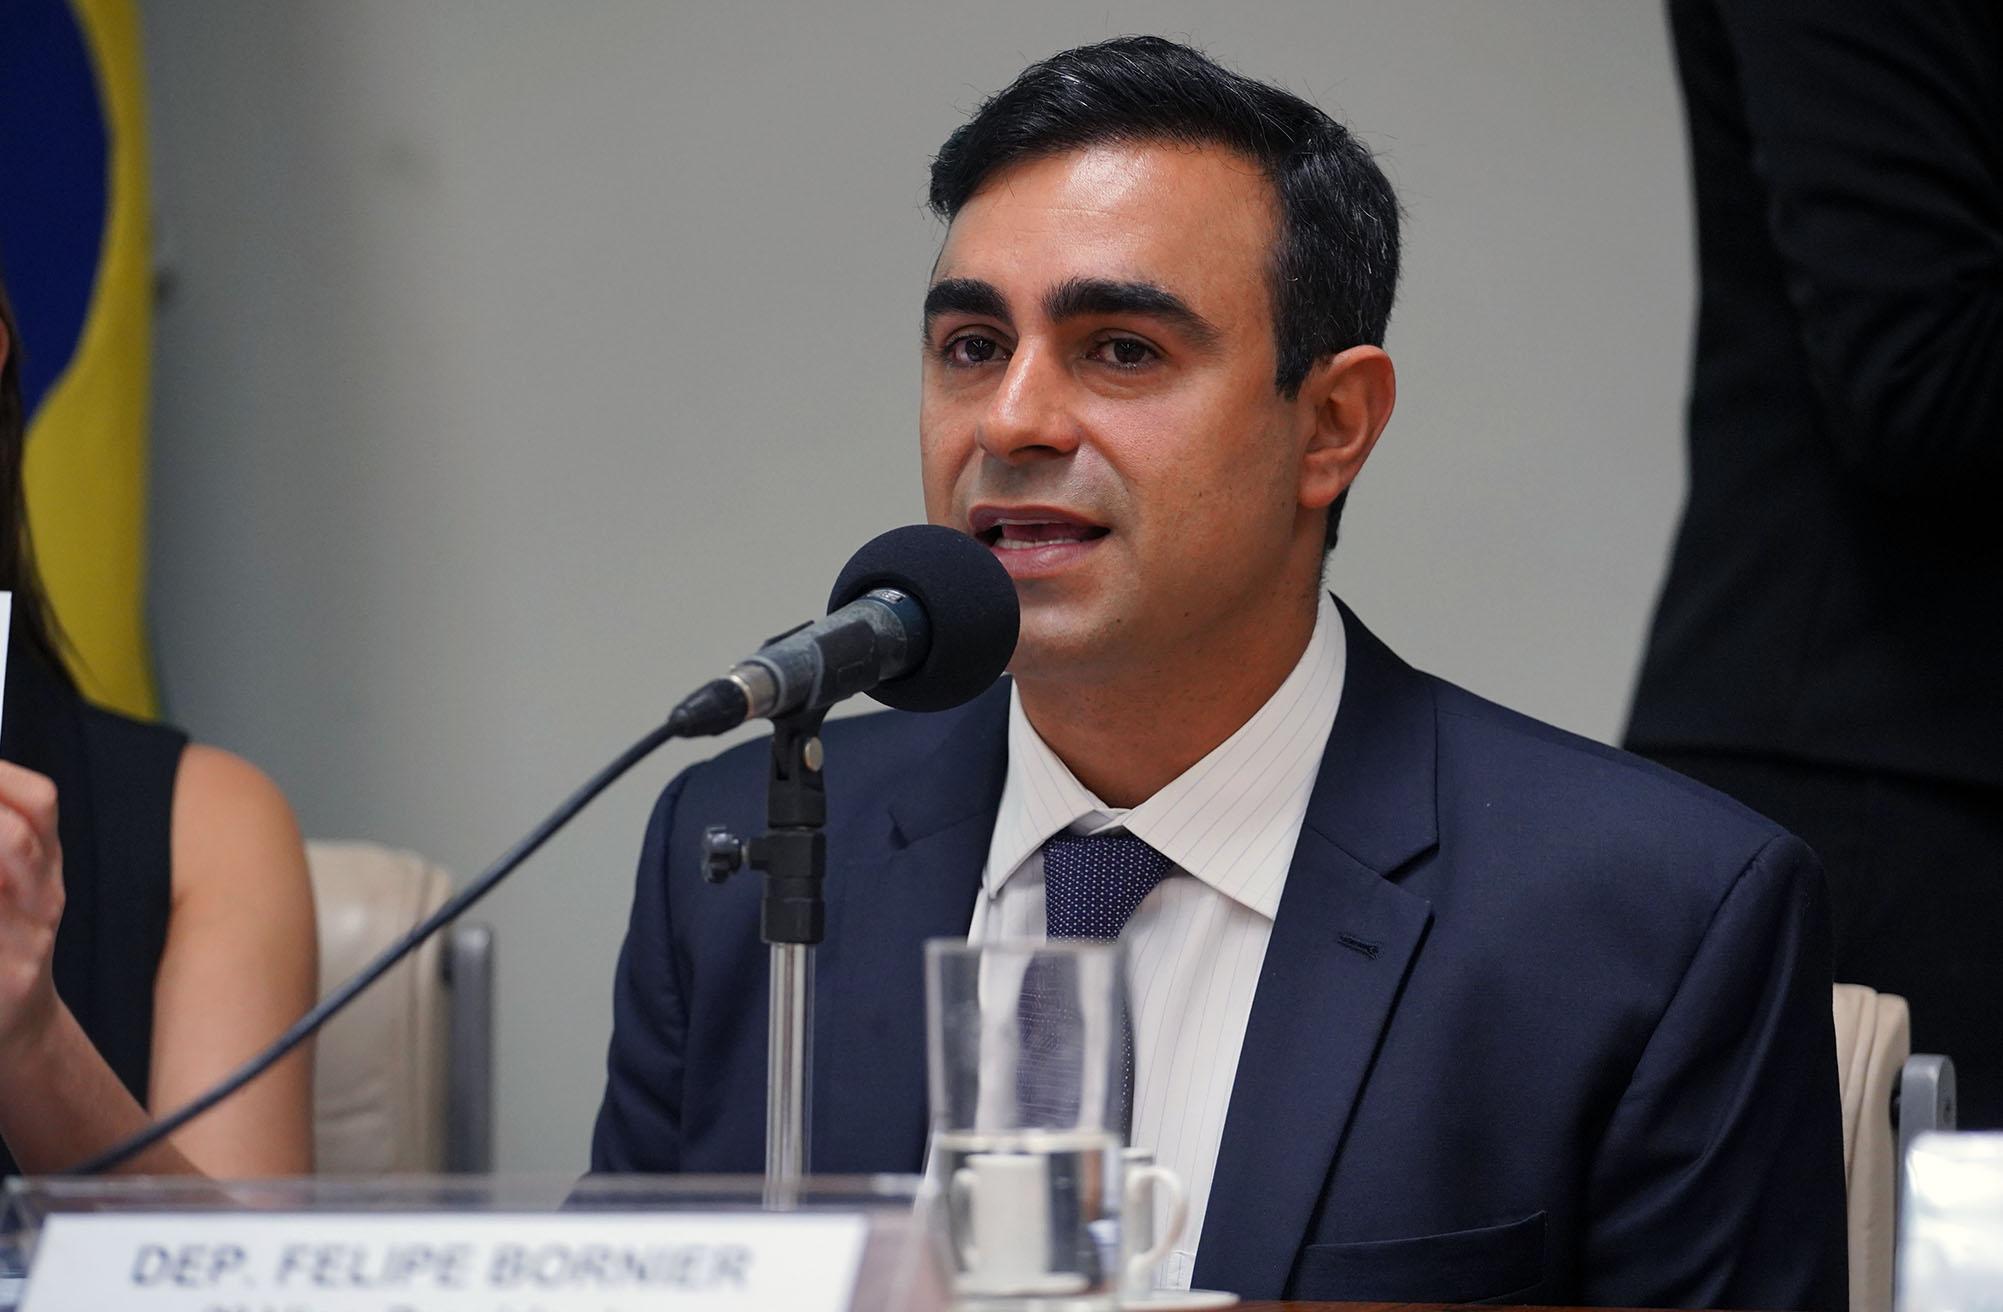 Audiência pública sobre o uso de tecnologias que permitam acompanhar e dar transparência à atuação parlamentar. Dep. Felipe Bornier (PROS - RJ)